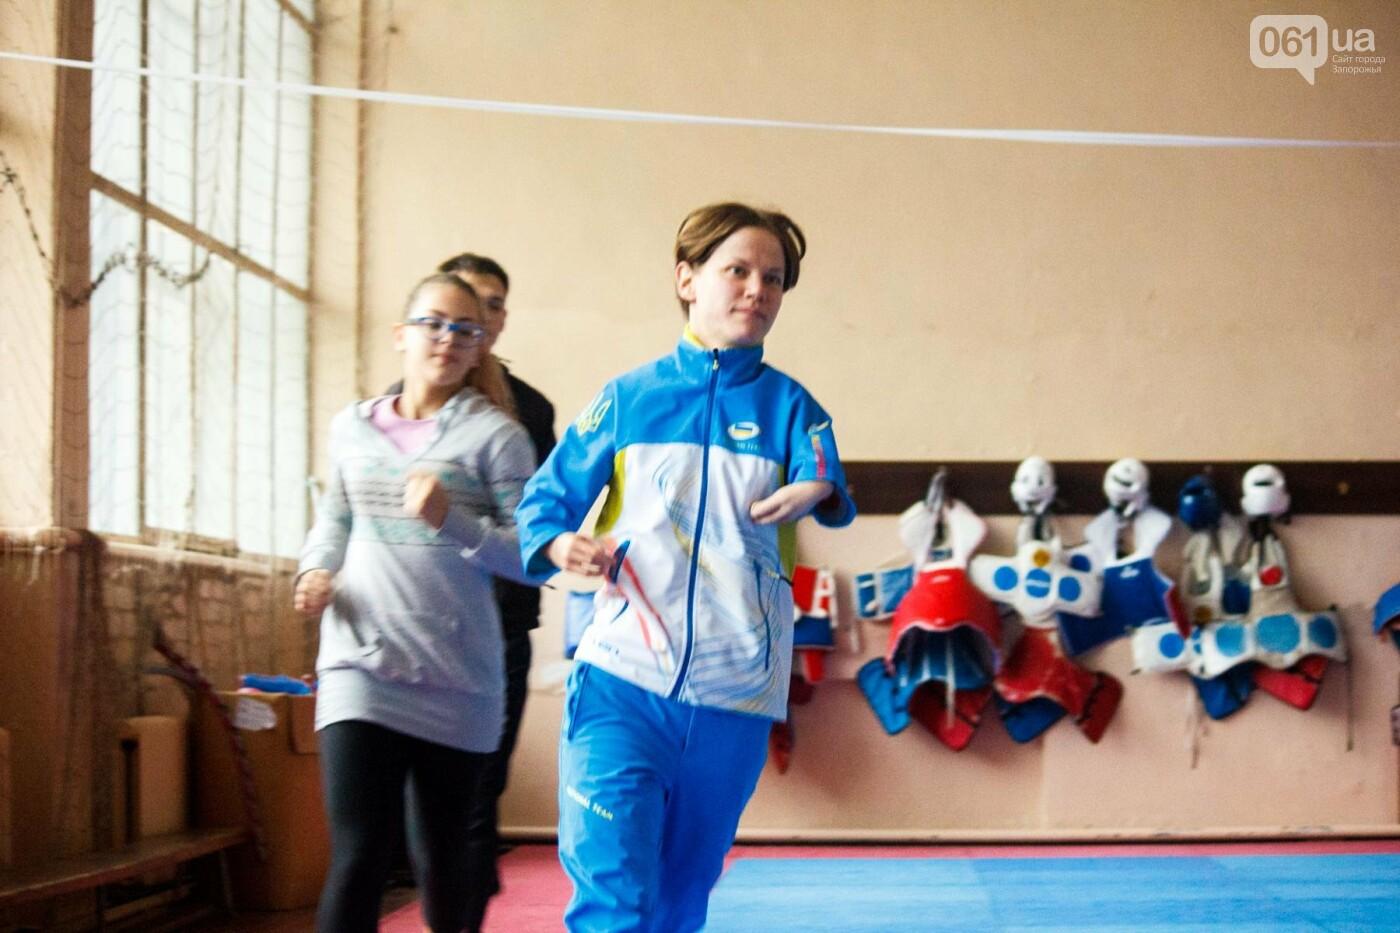 В Запорожье пятикратная чемпионка мира живет у подруги и не может собрать деньги на операцию: история Виктории Марчук, фото-8